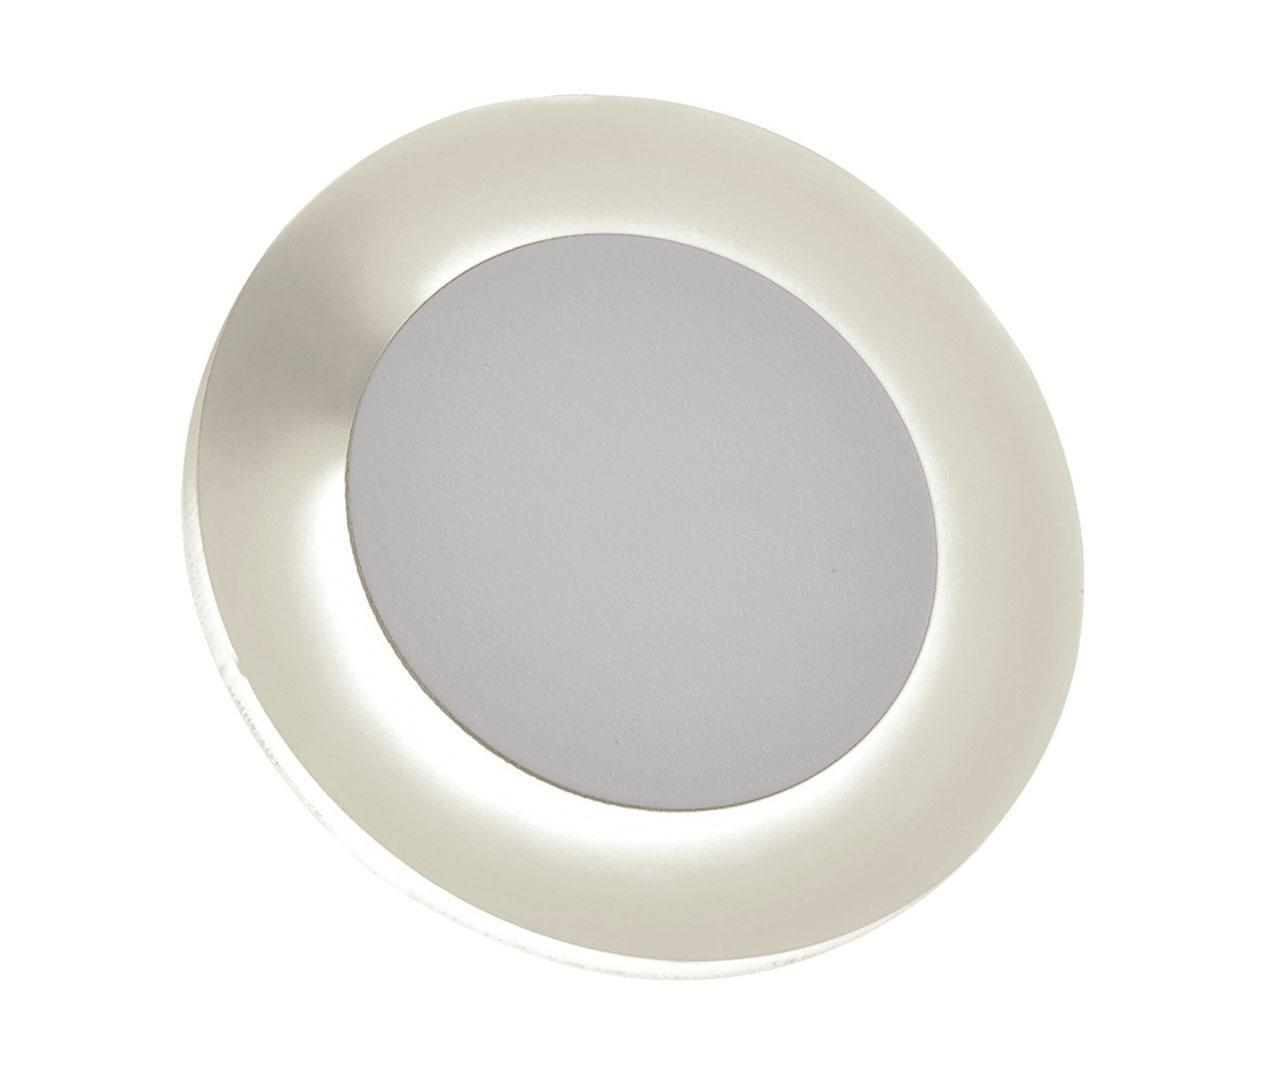 Настенный светильник Kink Light 08137, белый цена